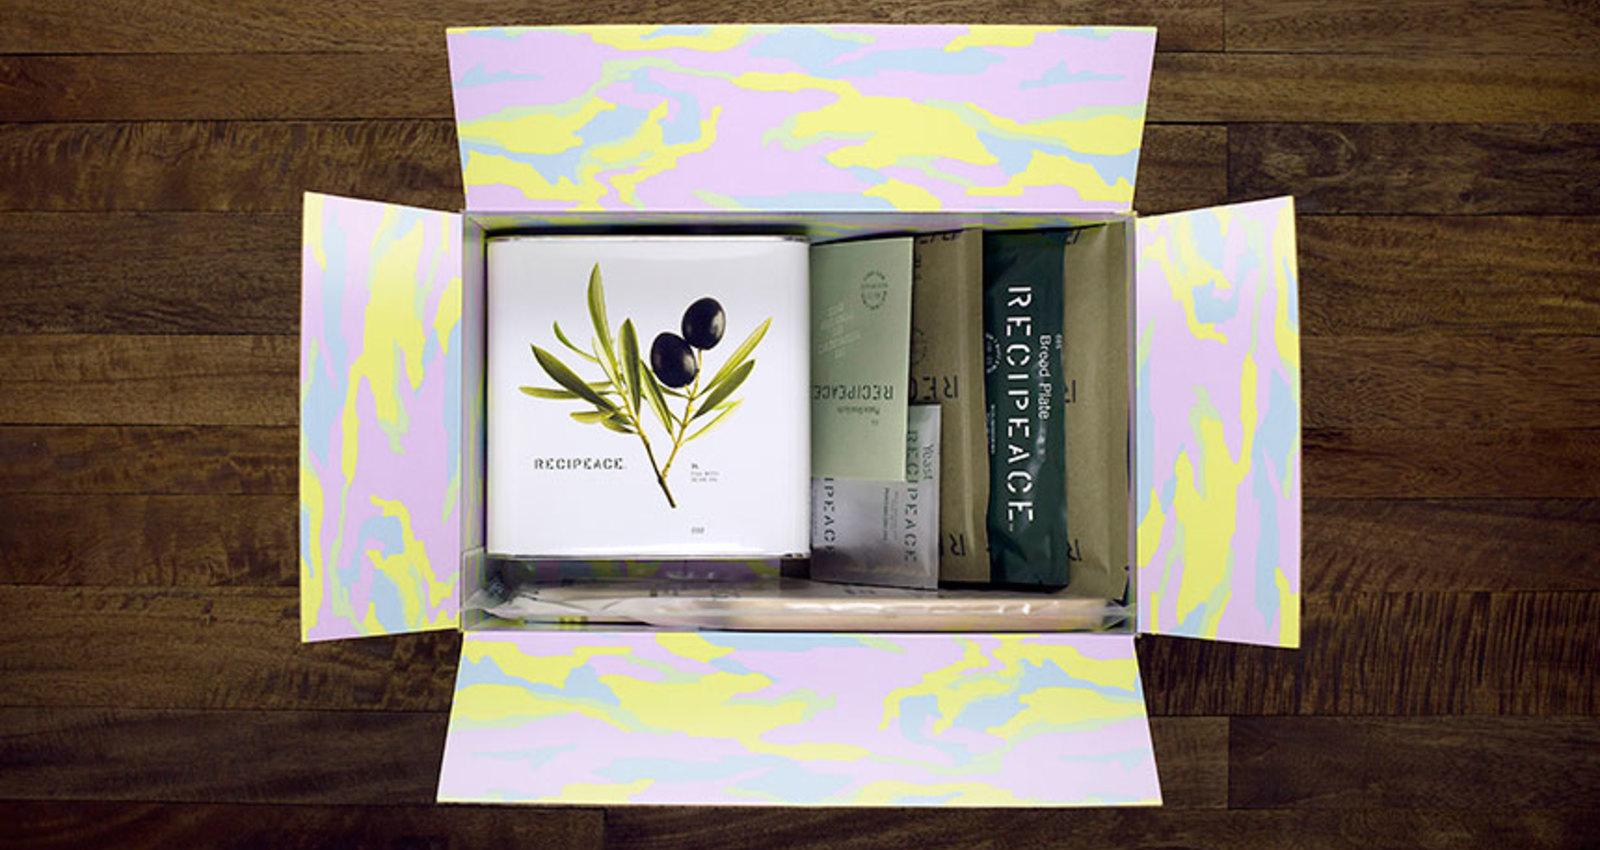 Recipeace Olive Oil Tin